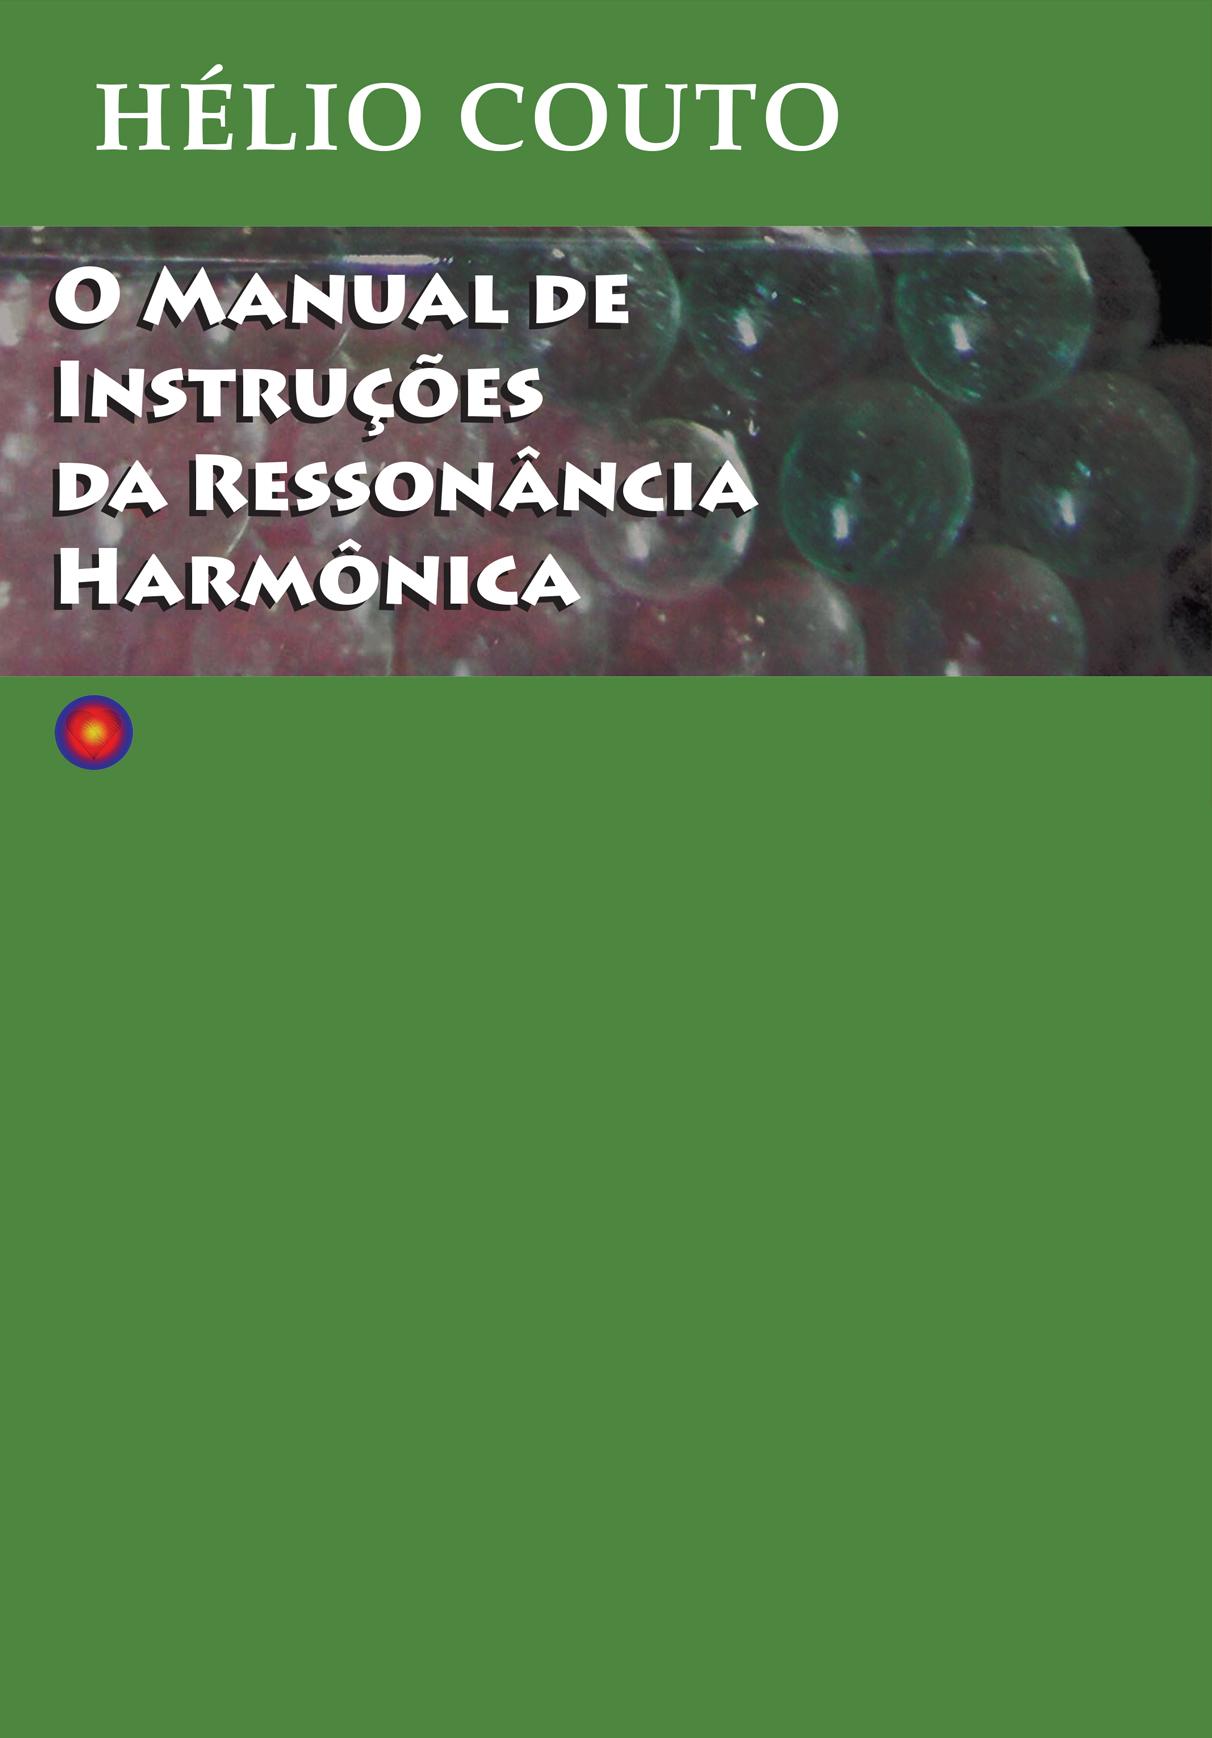 O MANUAL DE INSTRUÇÕES DA RH